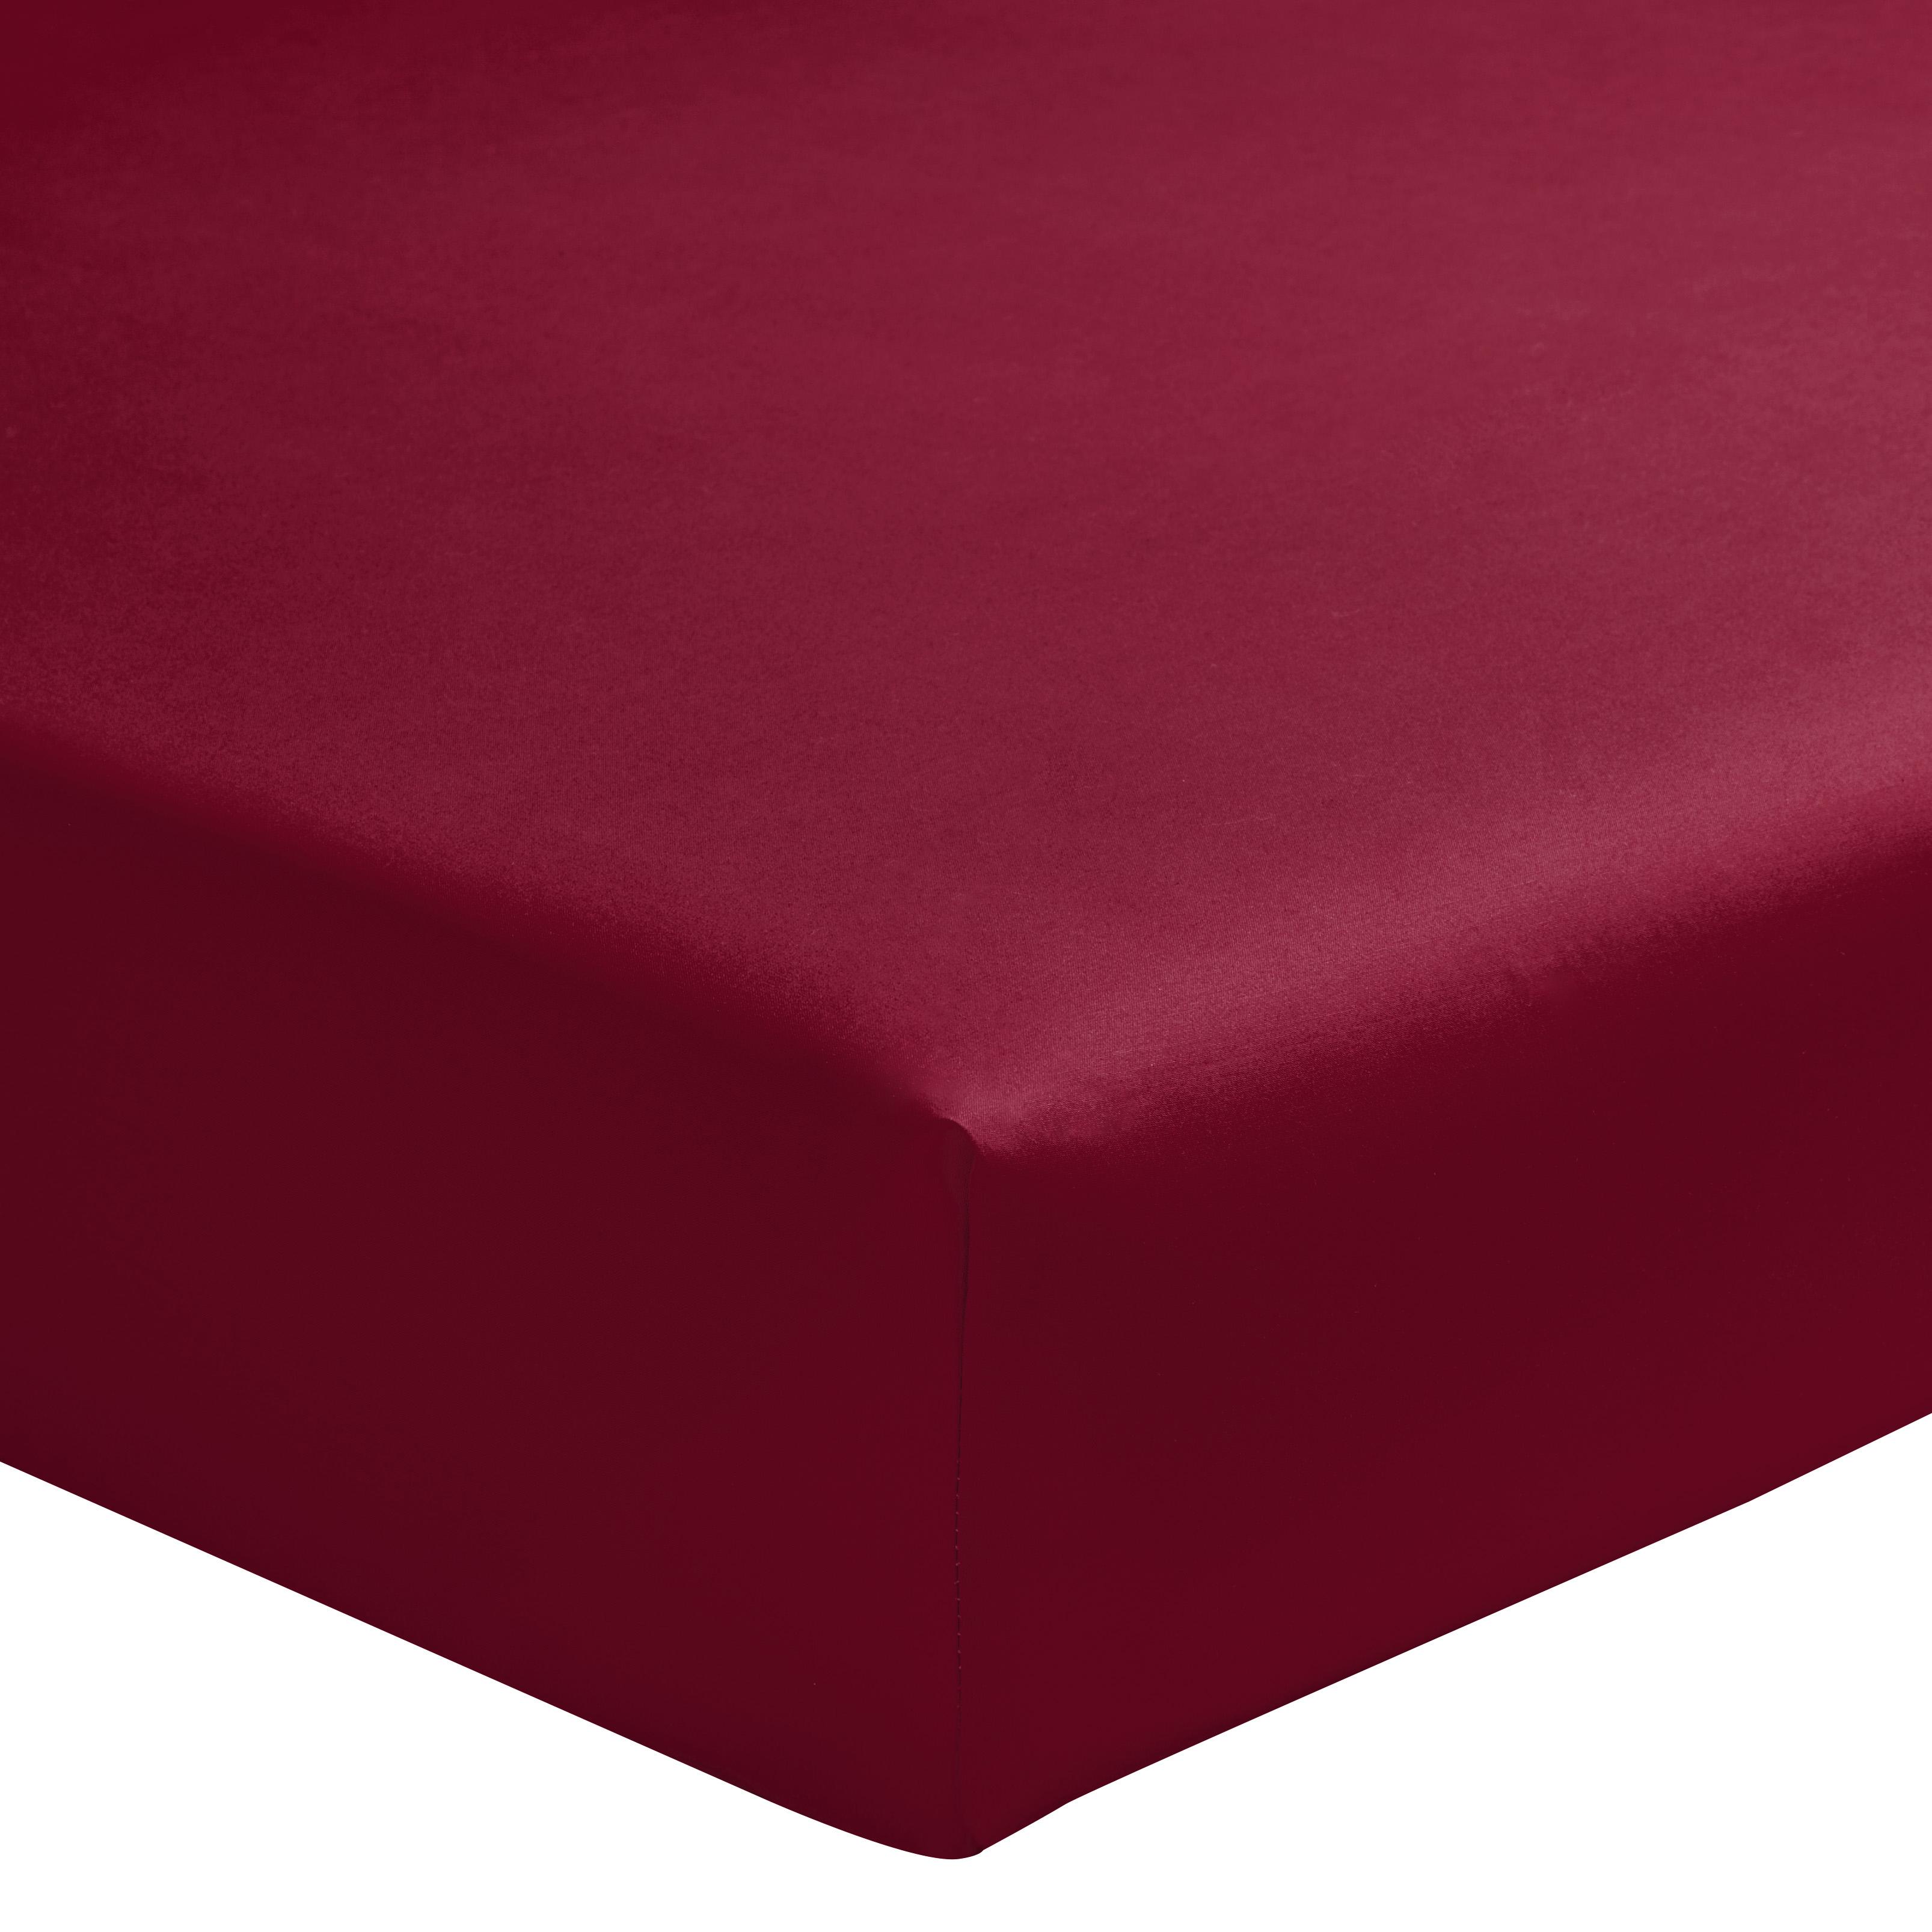 Drap housse uni en percale de coton rouge 90x200